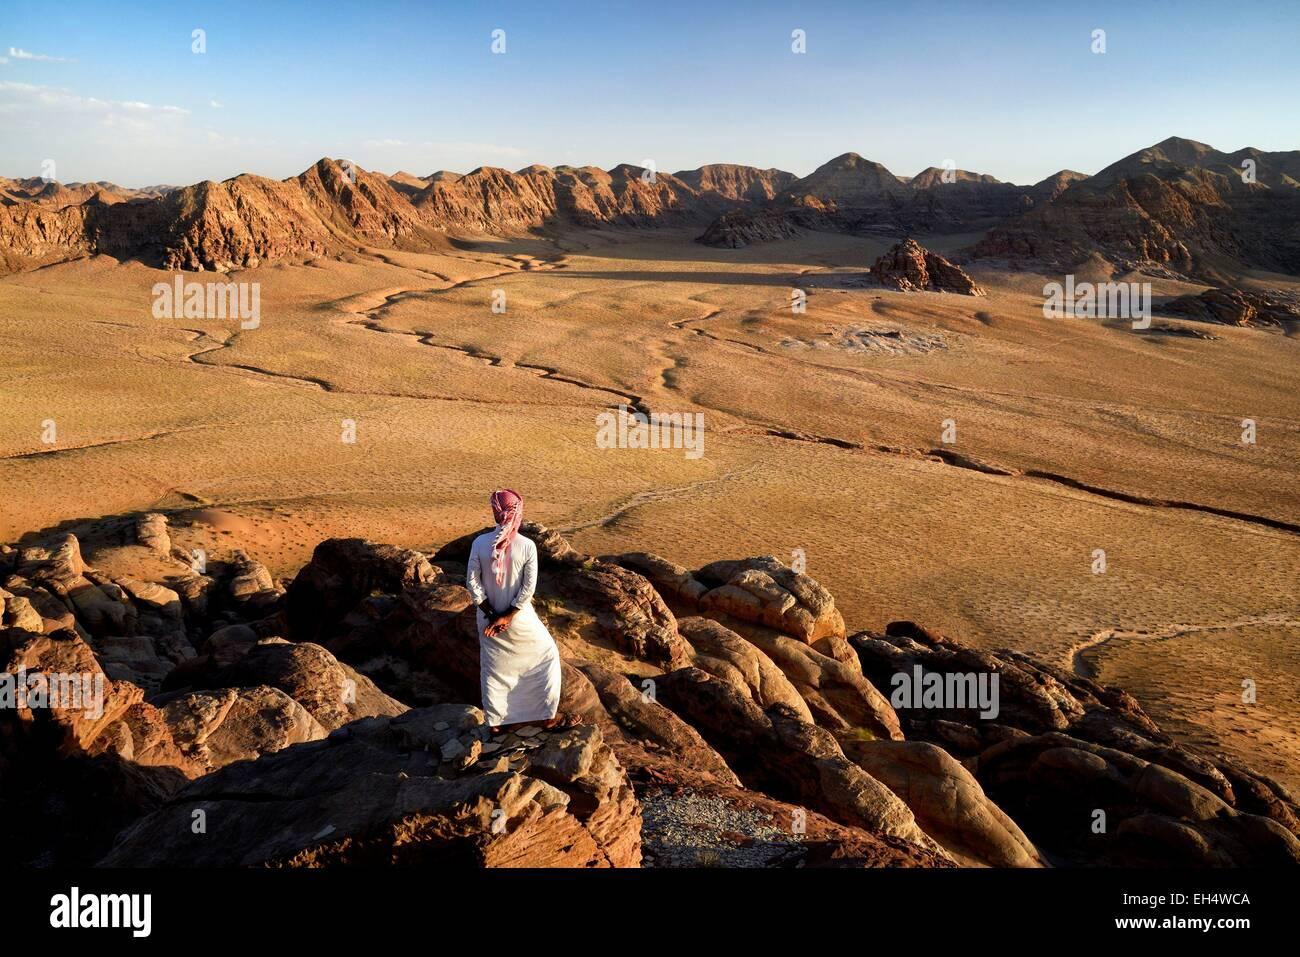 Jordan, Wüste Wadi Rum, Grenze mit Saudi-Arabien, Beduinen und Aussicht vom Berg Jebel Khasch Stockbild